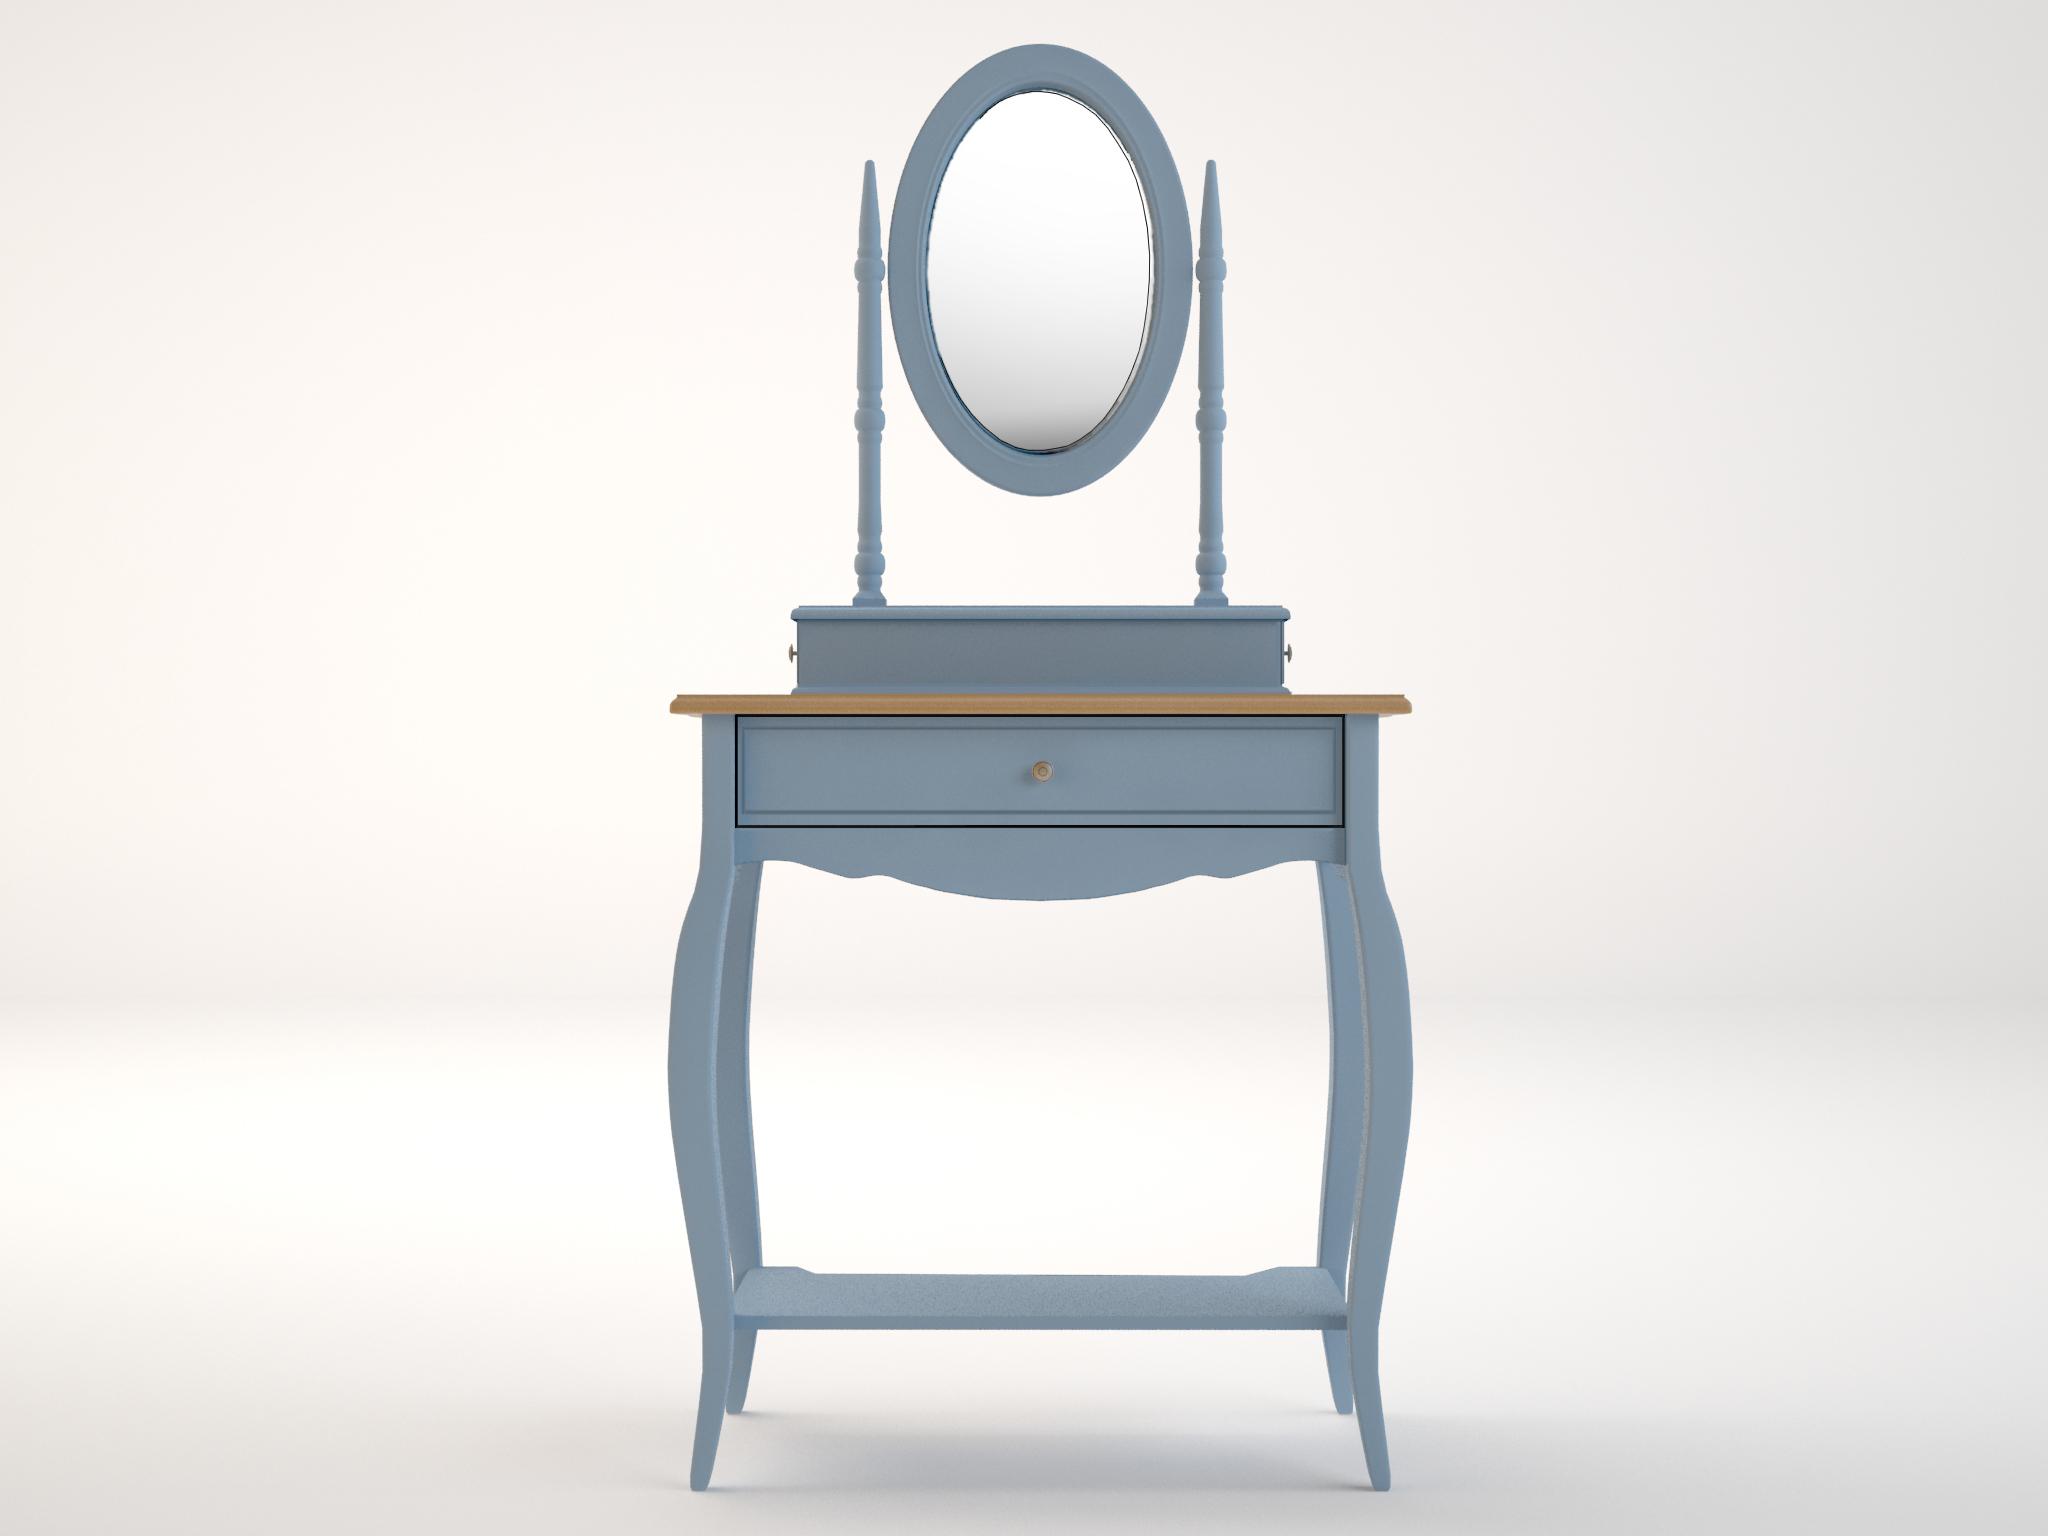 Туалетный столик LeontinaТуалетные столики<br><br><br>Material: Береза<br>Ширина см: 70<br>Высота см: 142<br>Глубина см: 40